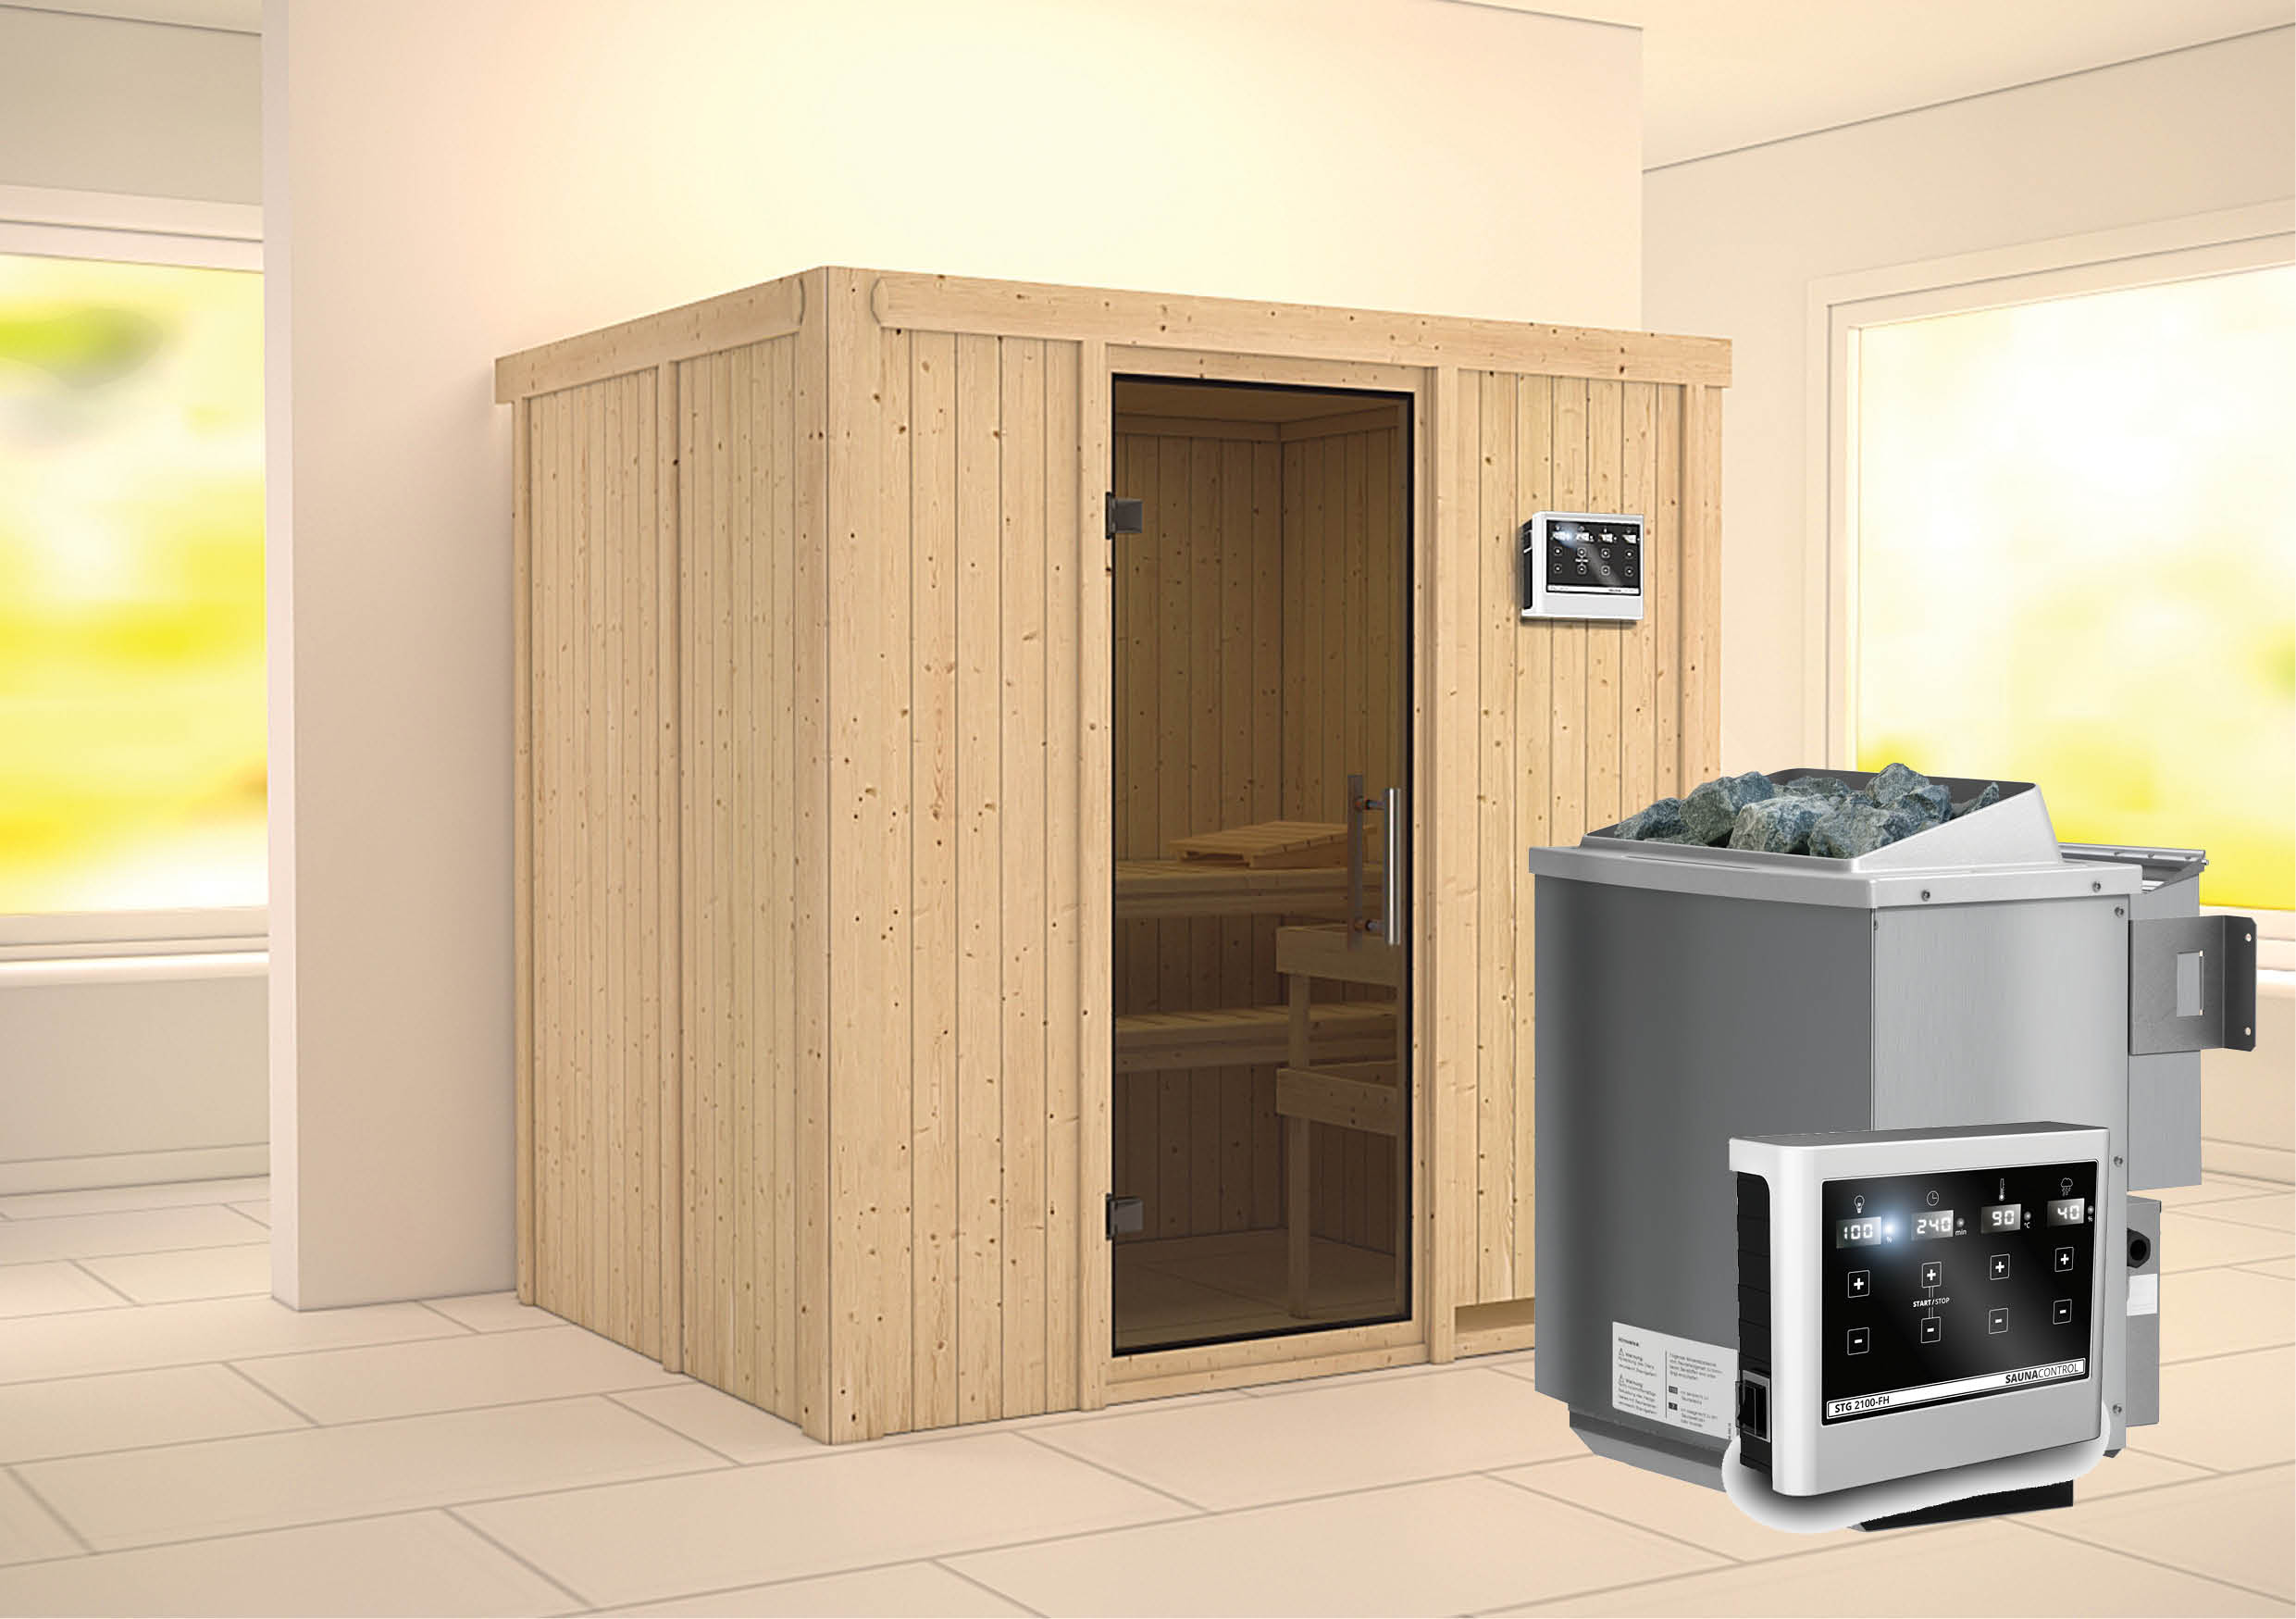 karibu sauna bodin 1 96 x 1 51 m 68 mm mit 9 kw ofen saunakabine elementsauna ebay. Black Bedroom Furniture Sets. Home Design Ideas